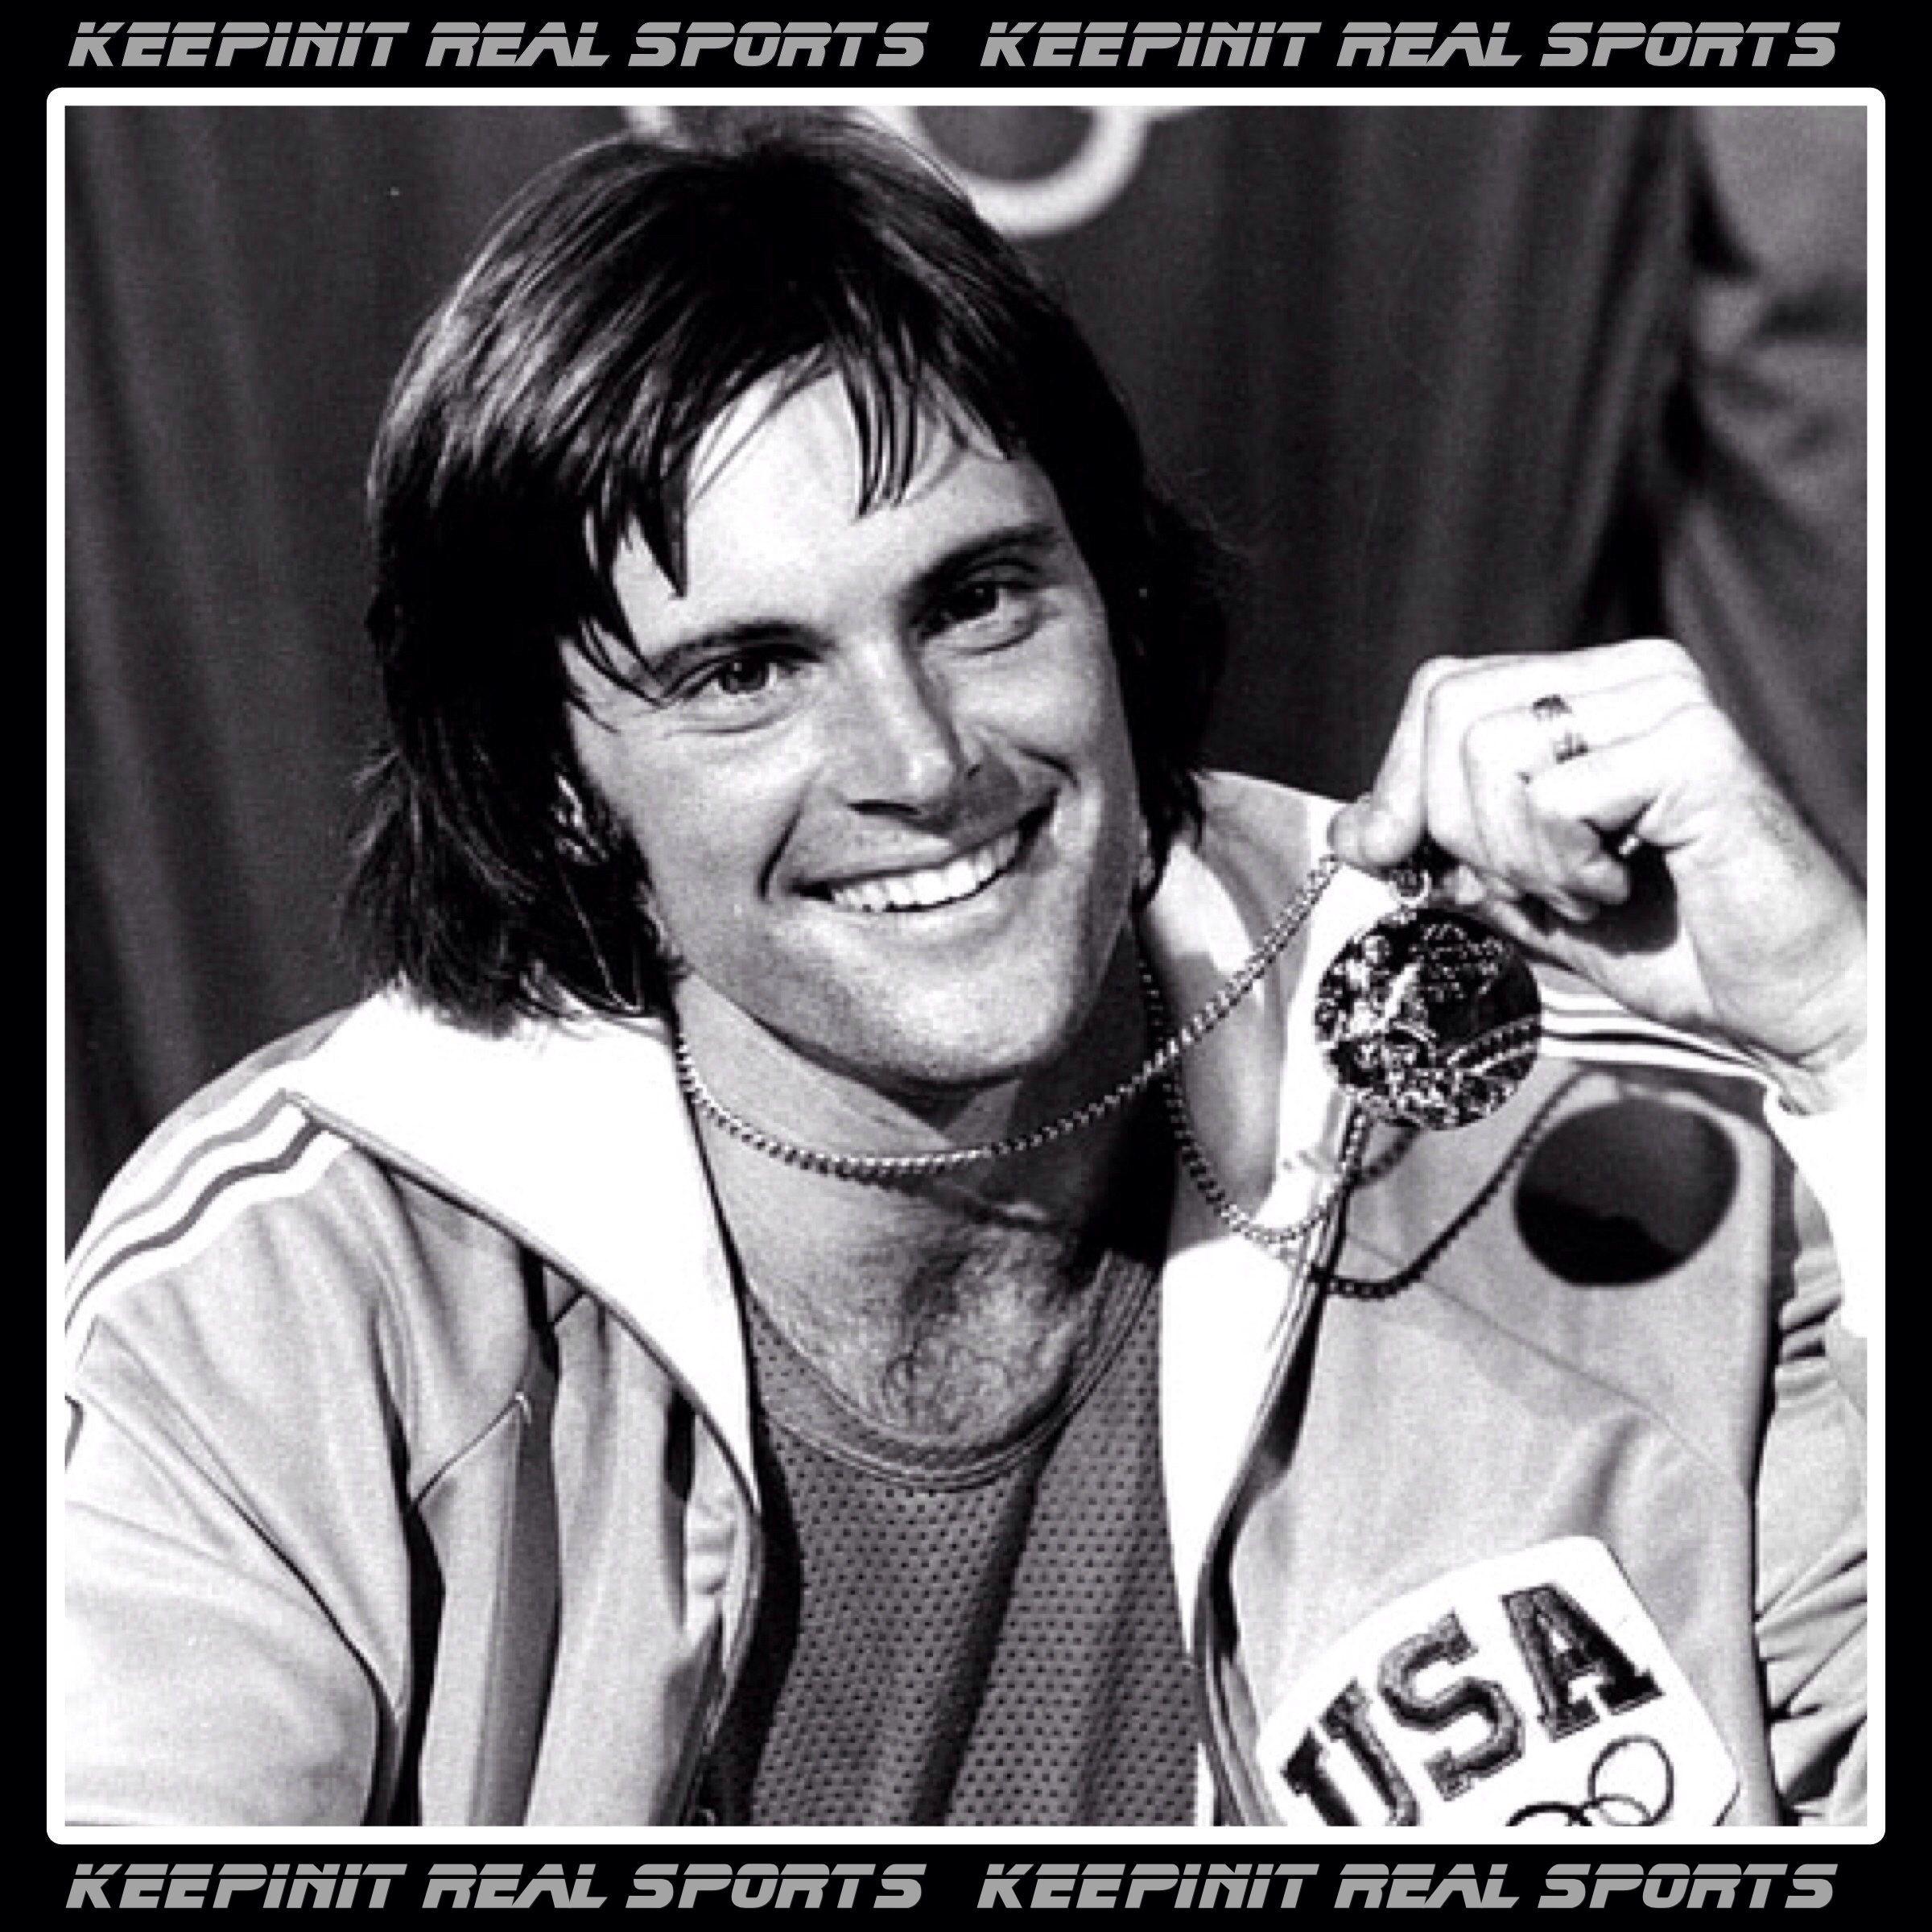 フレシャスのおすすめポイントをまとめてみた Bruce Jenner 1976 Olympics Olympic Games